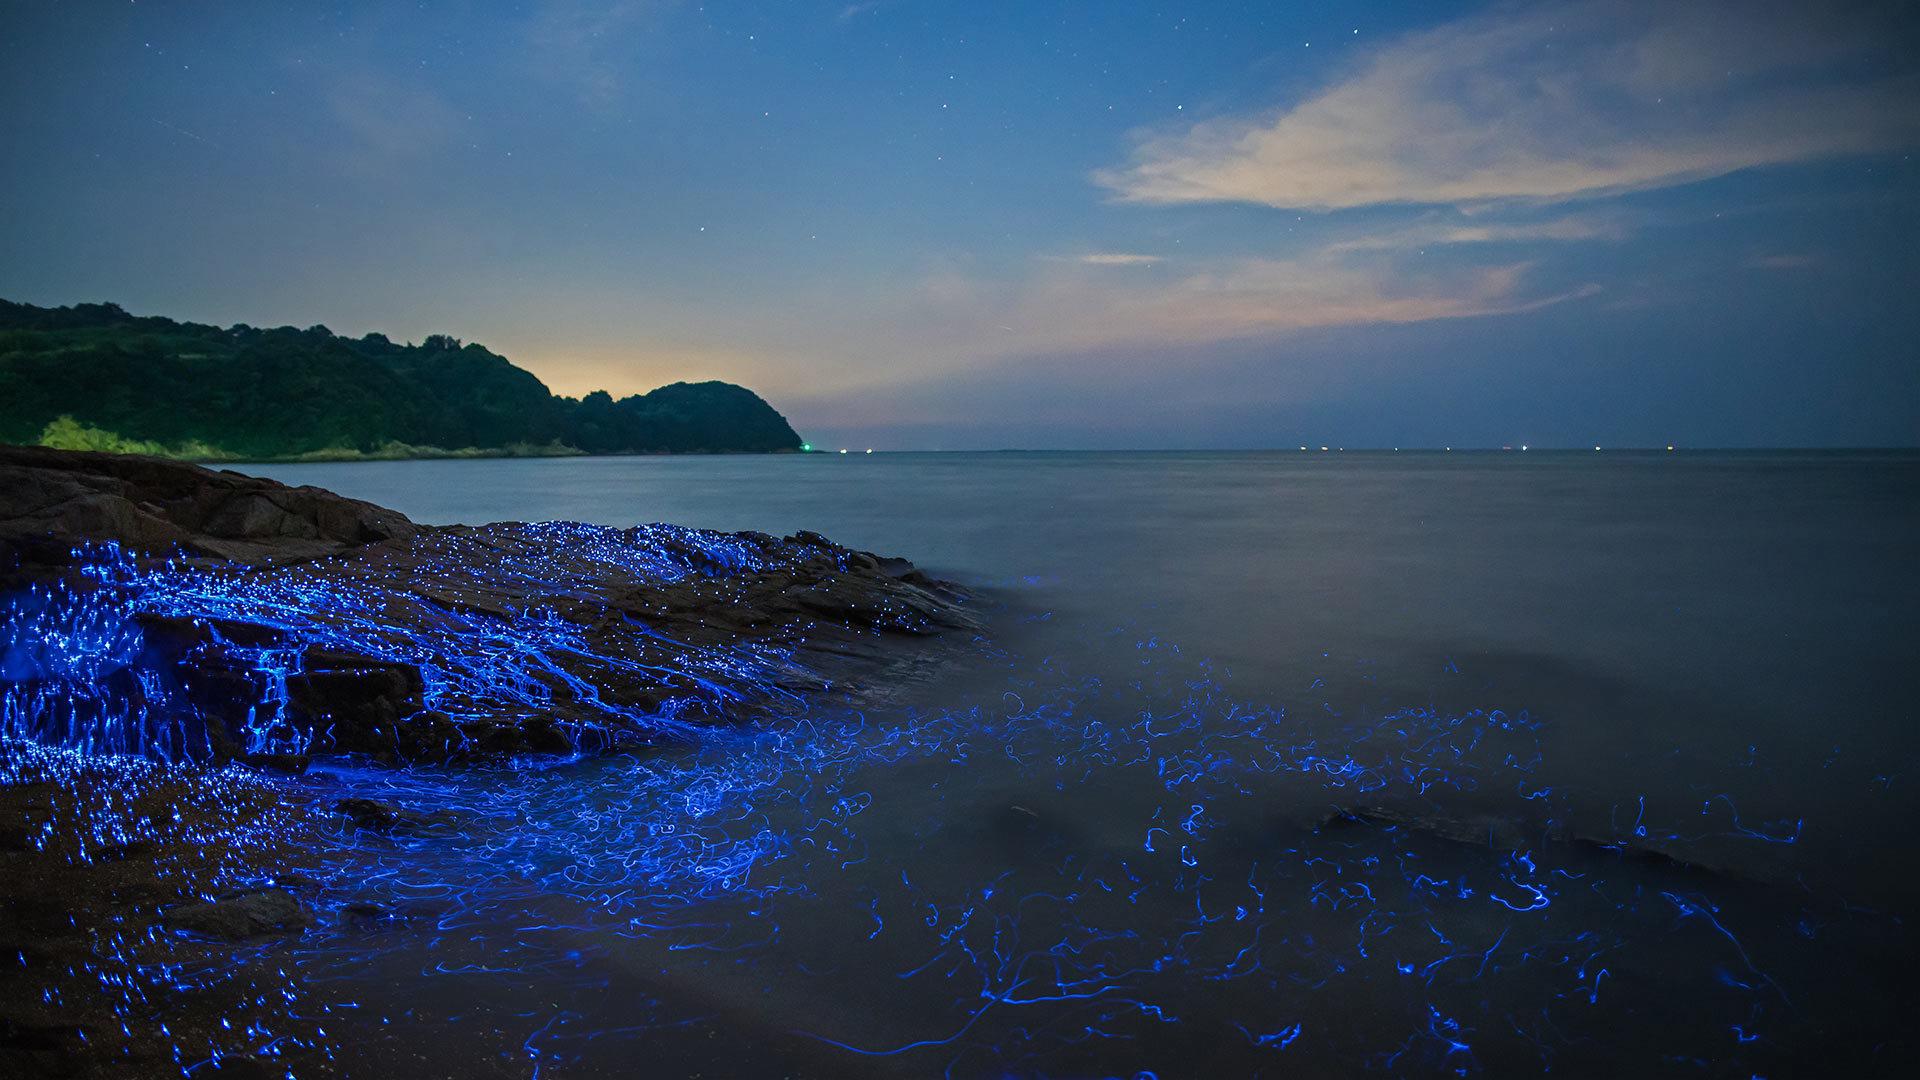 冈山沿岸的发光海洋萤火虫海洋萤火虫